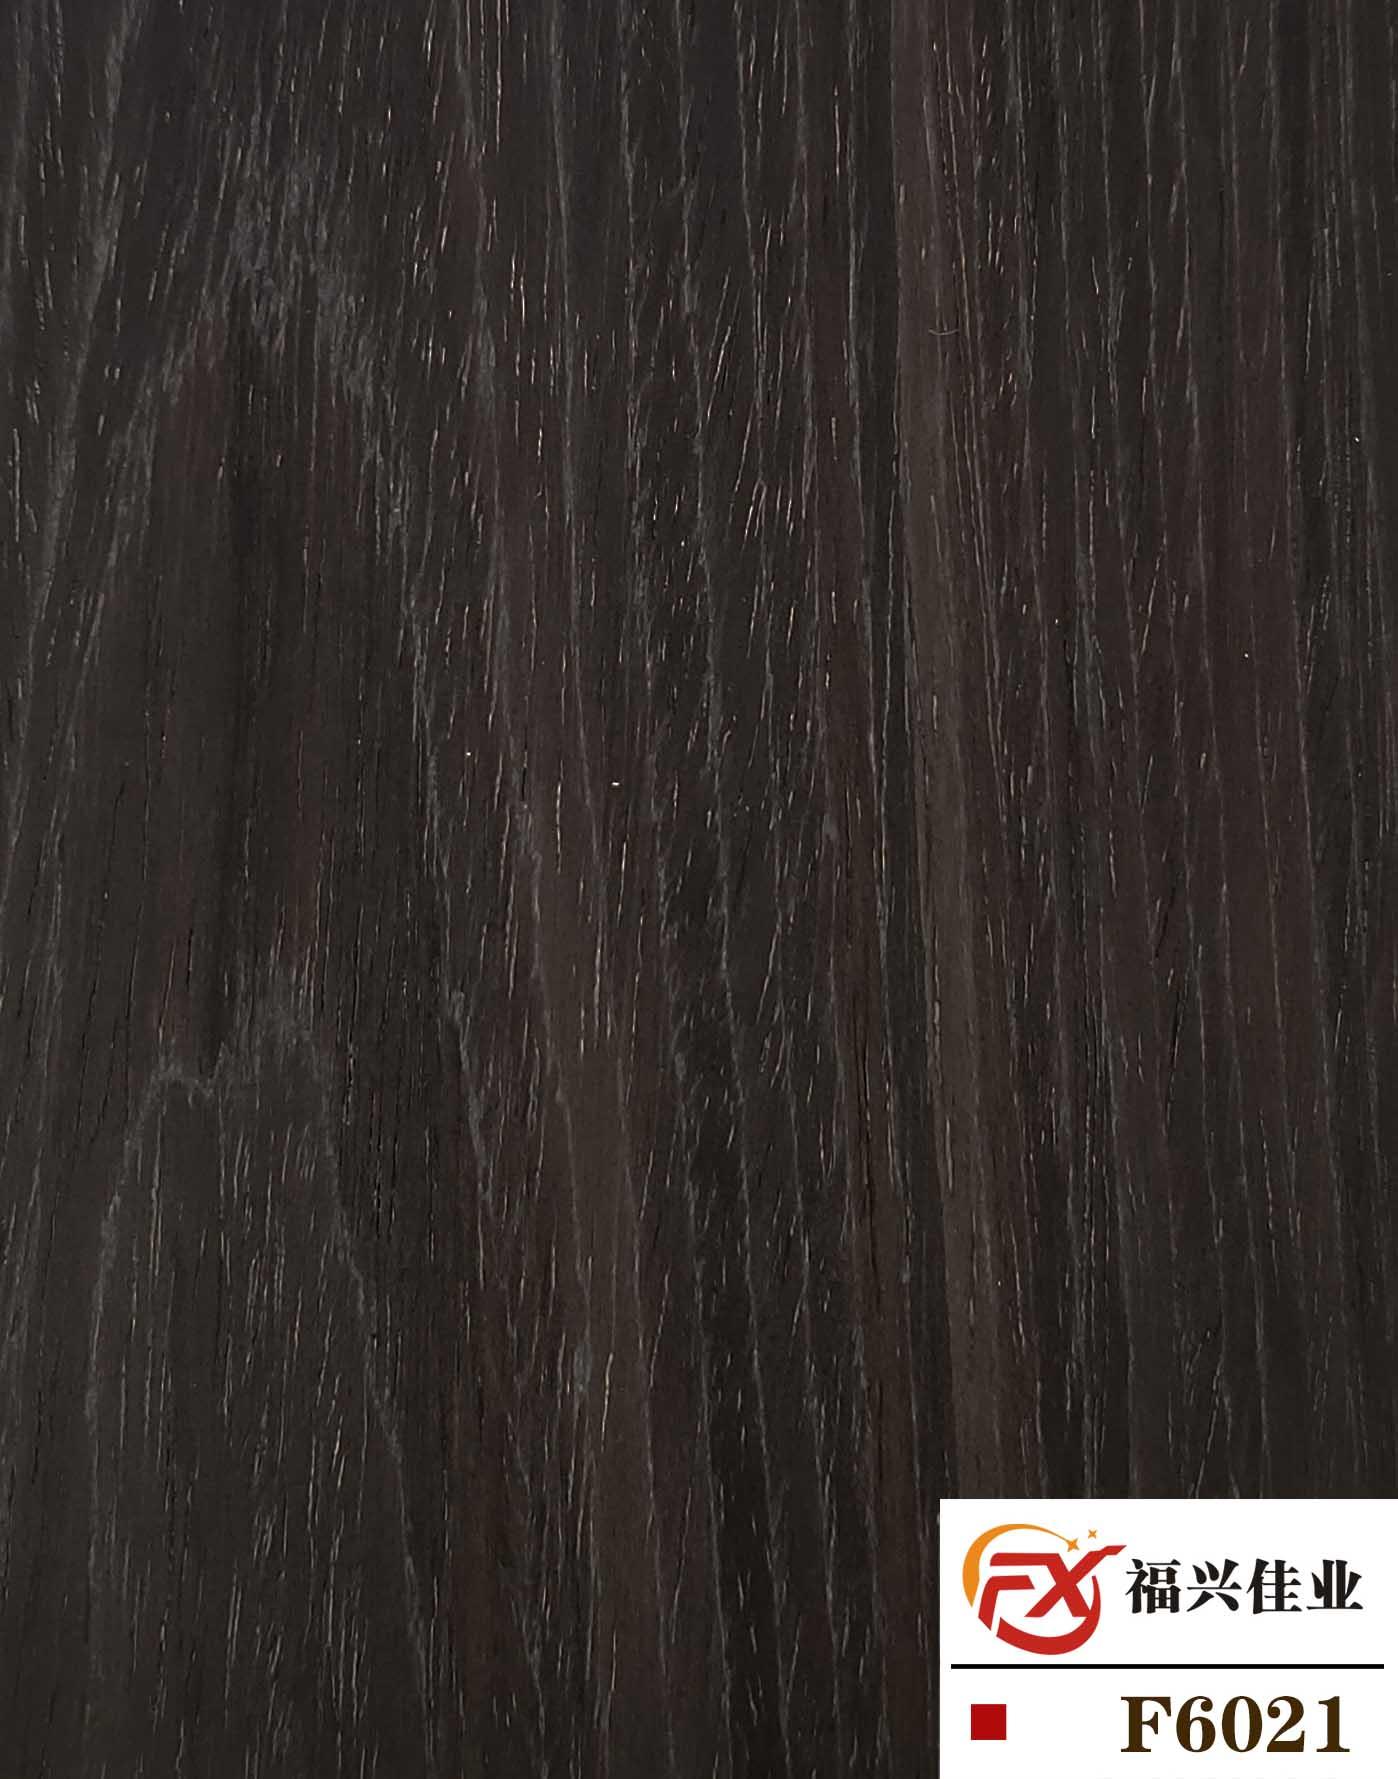 木饰面板厂家